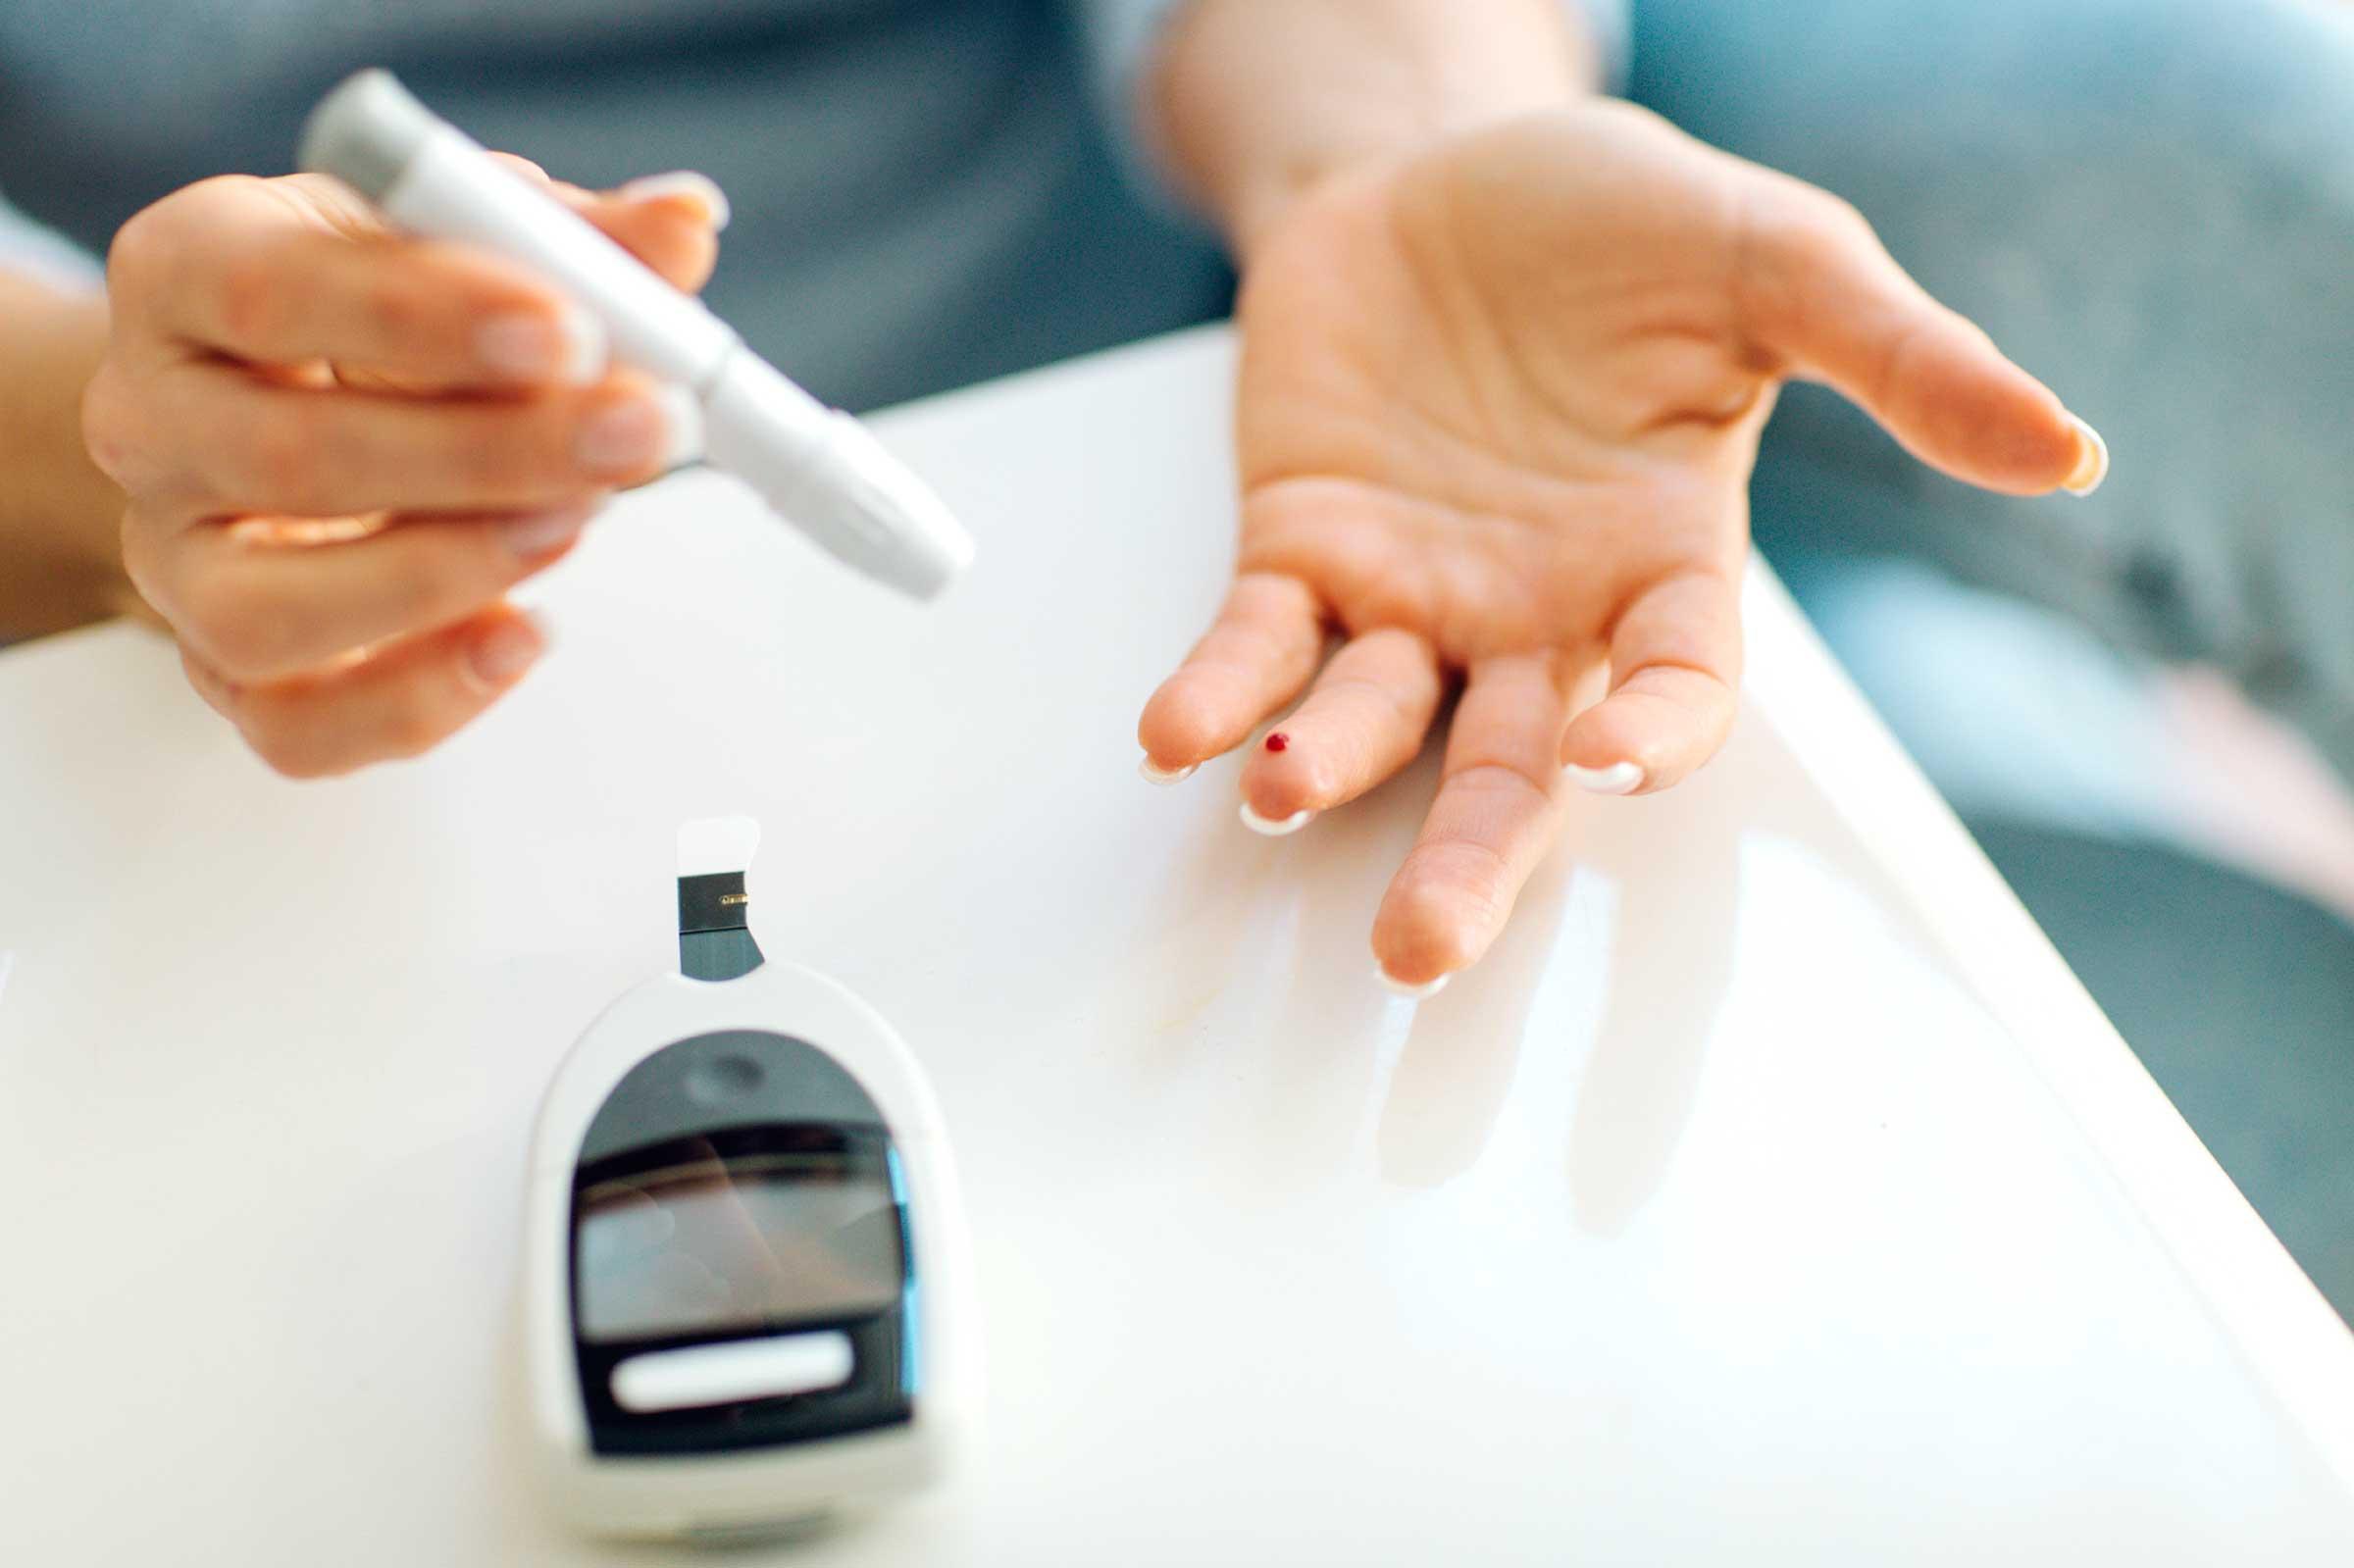 Всемирный день борьбы с диабетом: где бесплатно проверить уровень сахара в крови?